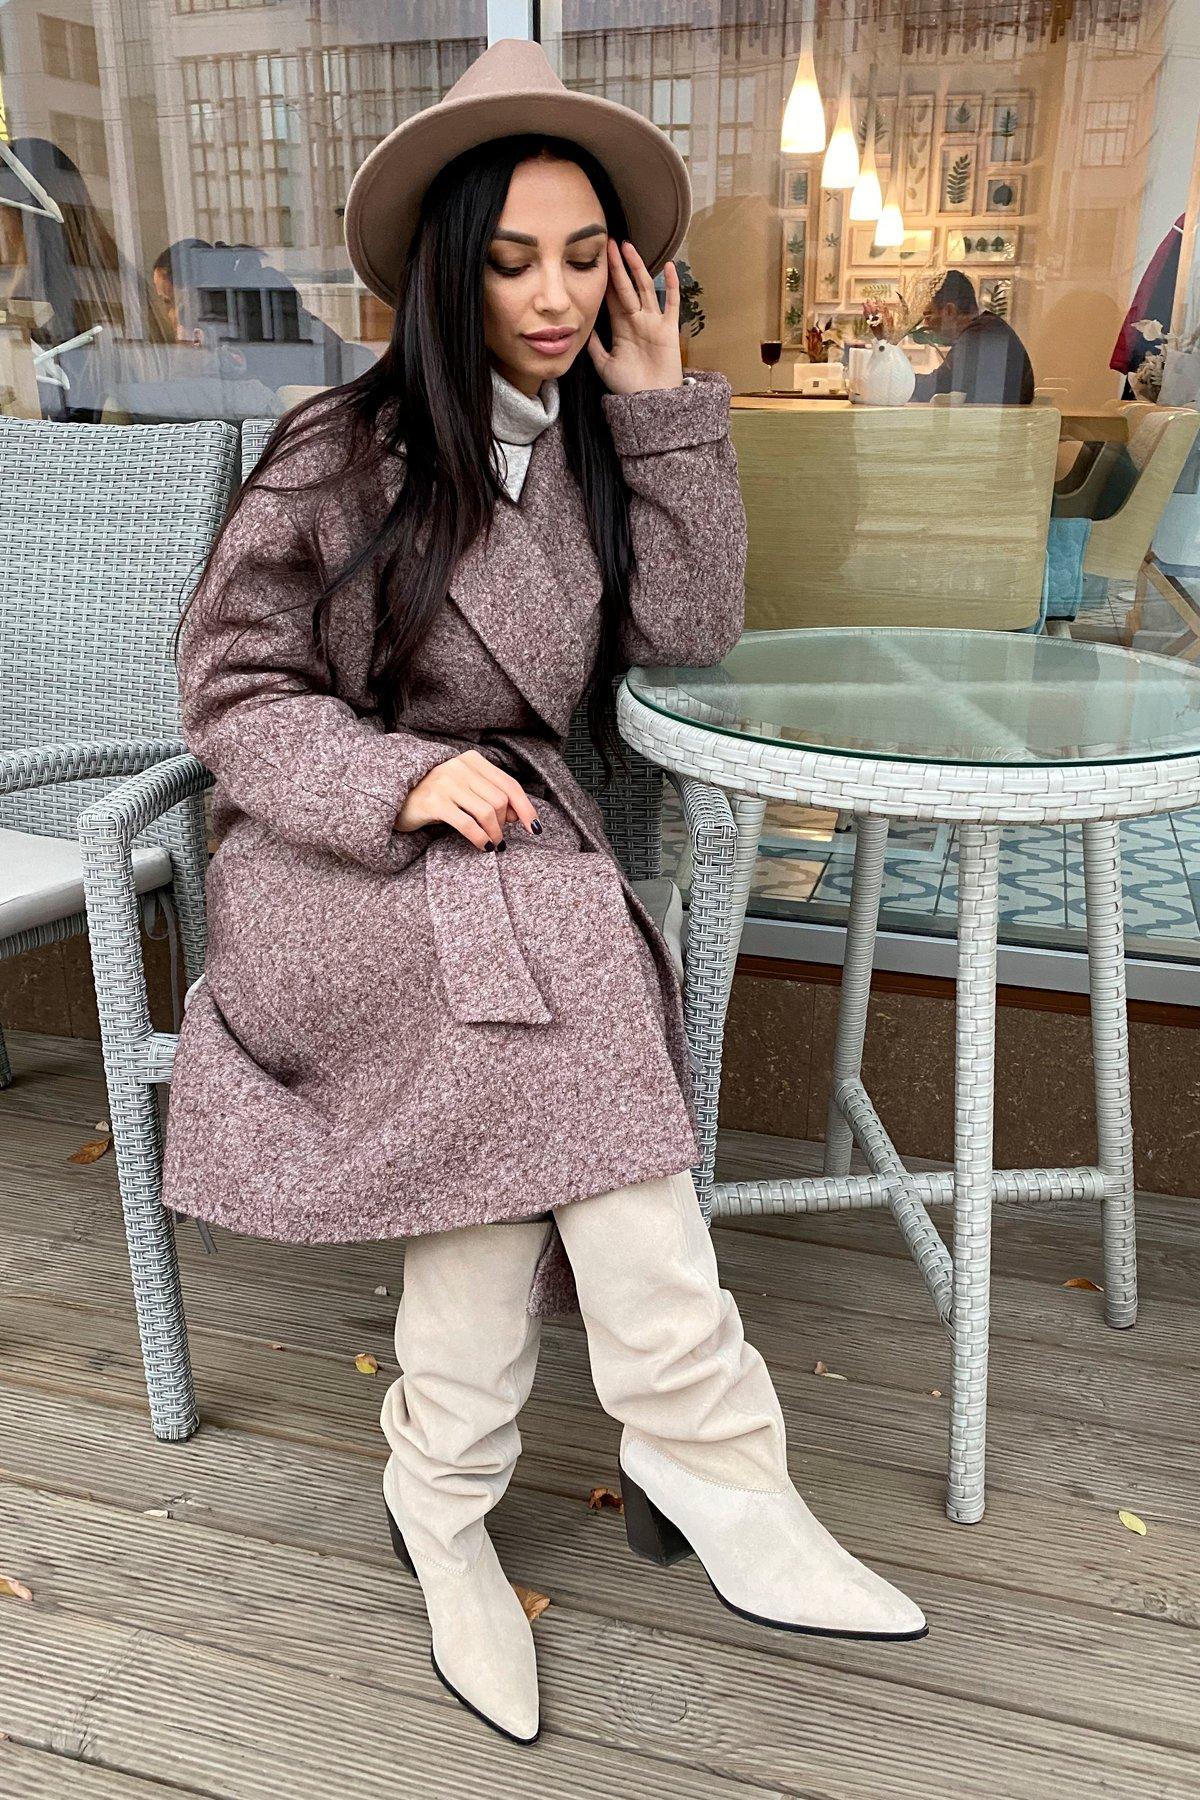 Влада шерсть варенка зима Хомут пальто 10021 АРТ. 46319 Цвет: Кофе - фото 4, интернет магазин tm-modus.ru